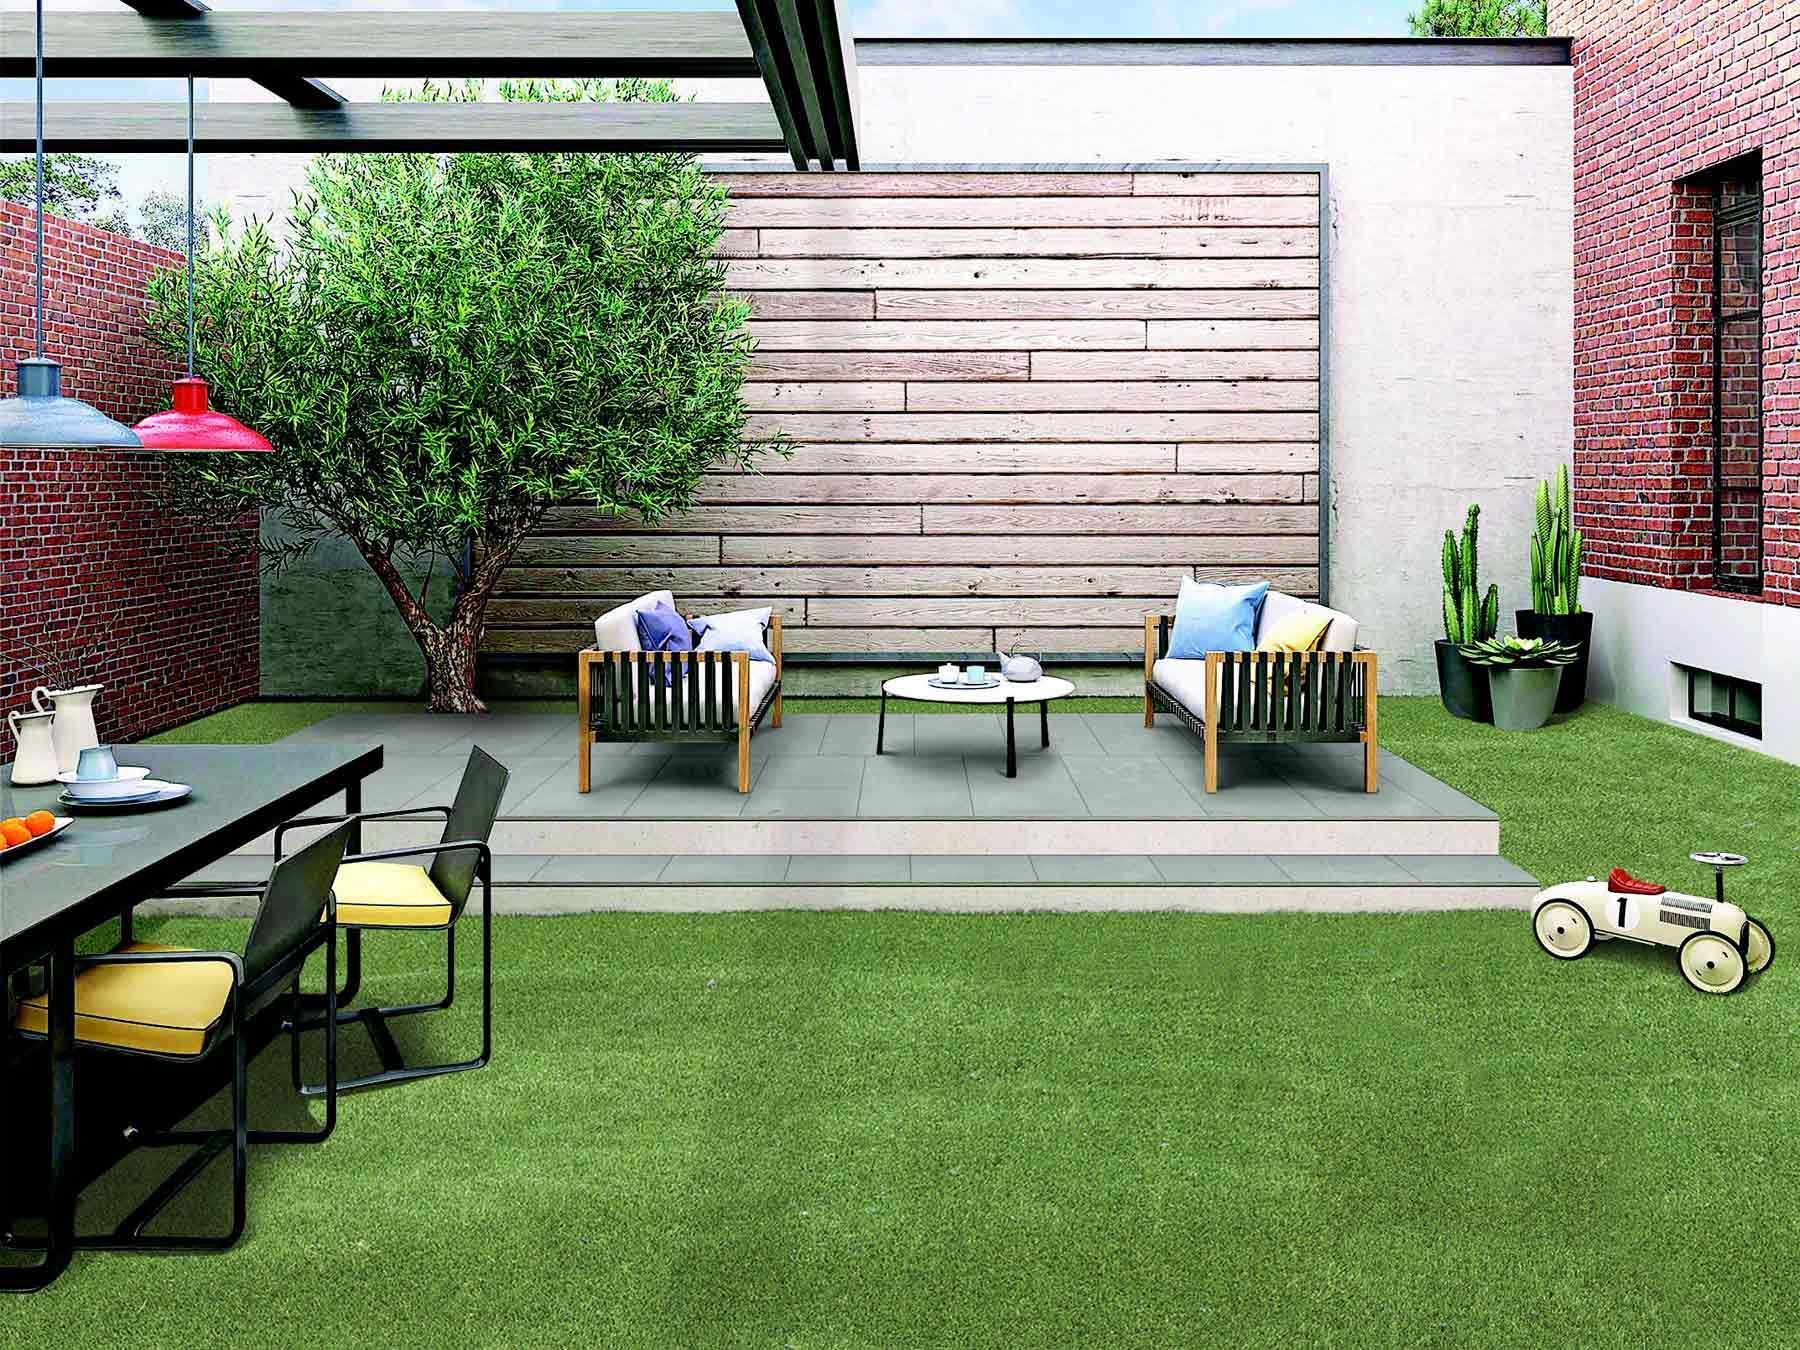 Kunstrasen Megan 200 Cm 400 Cm In 2020 Gartenmobel Sets Kunstrasen Rasen